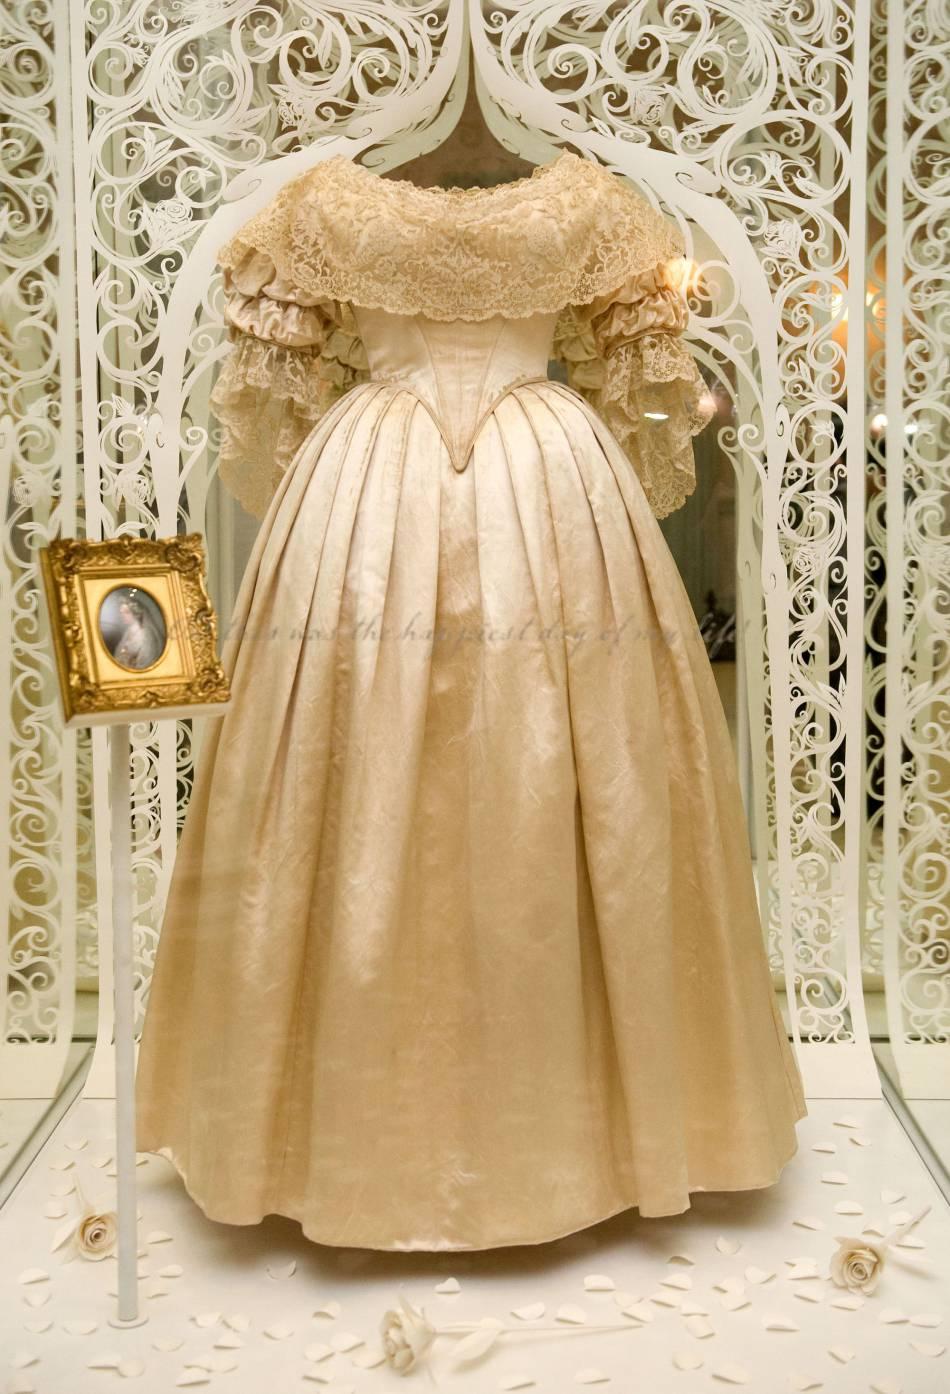 Elle est née en 1840 sous l'impulsion de la reine Victoria.